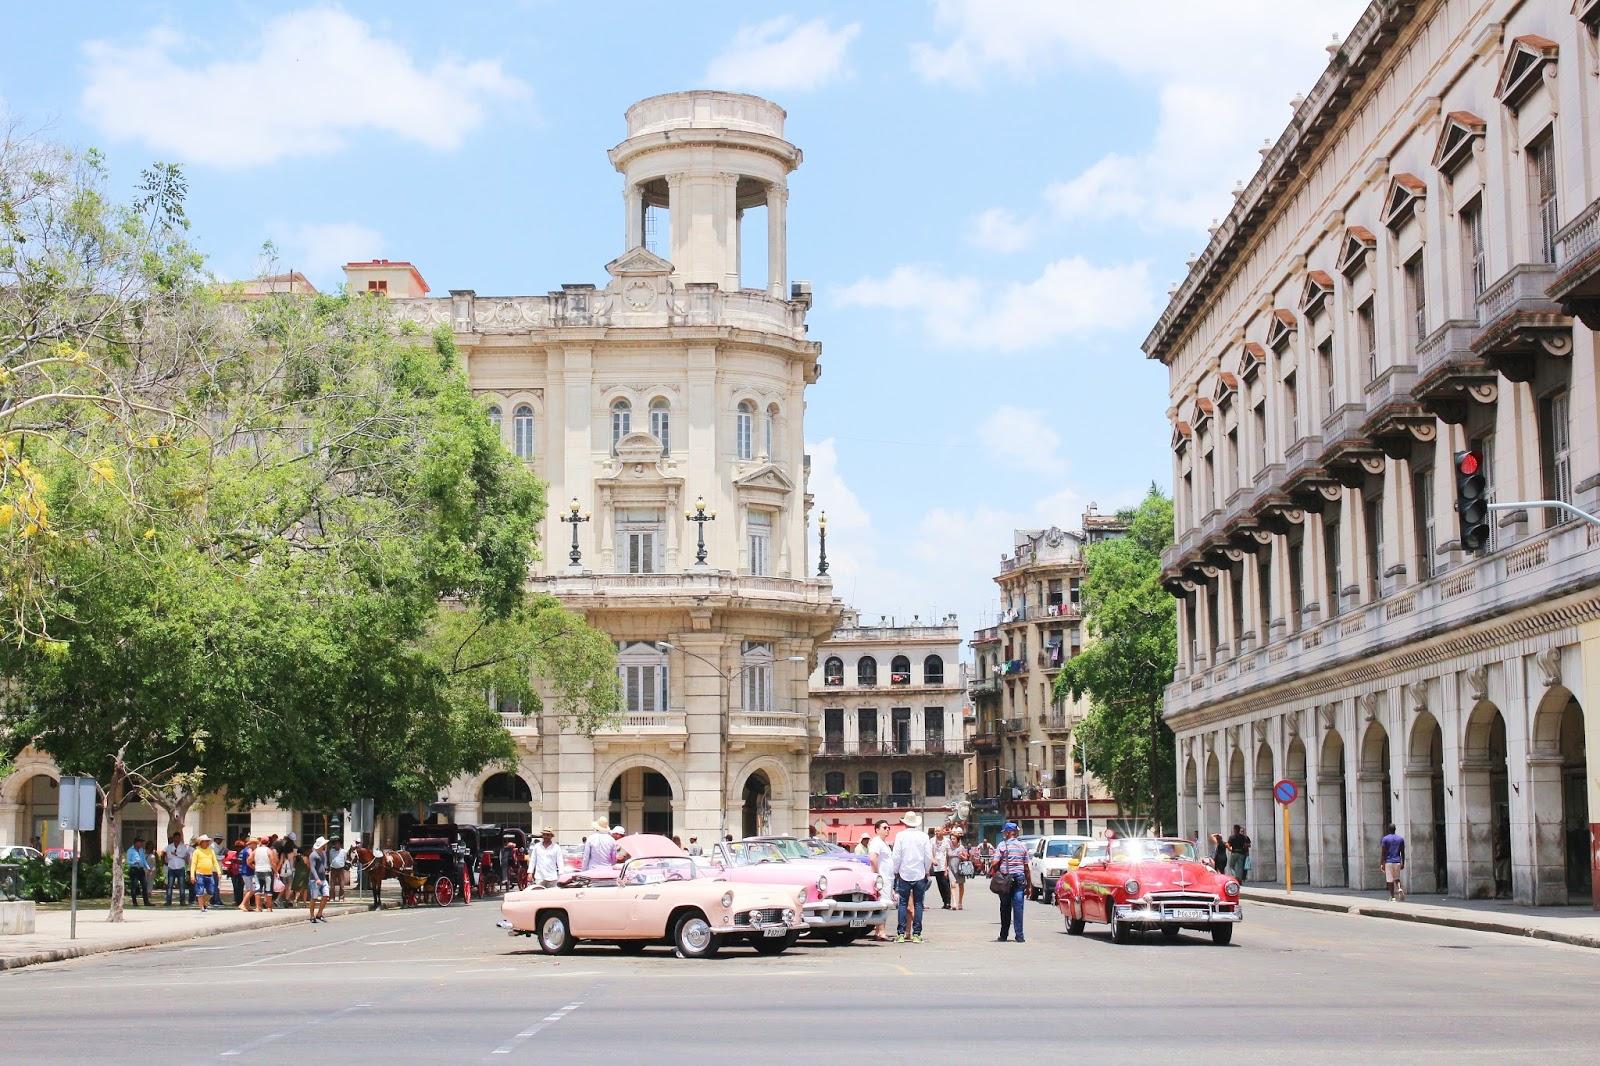 Voitures américaines sur Parque Central à La Havane - Cuba